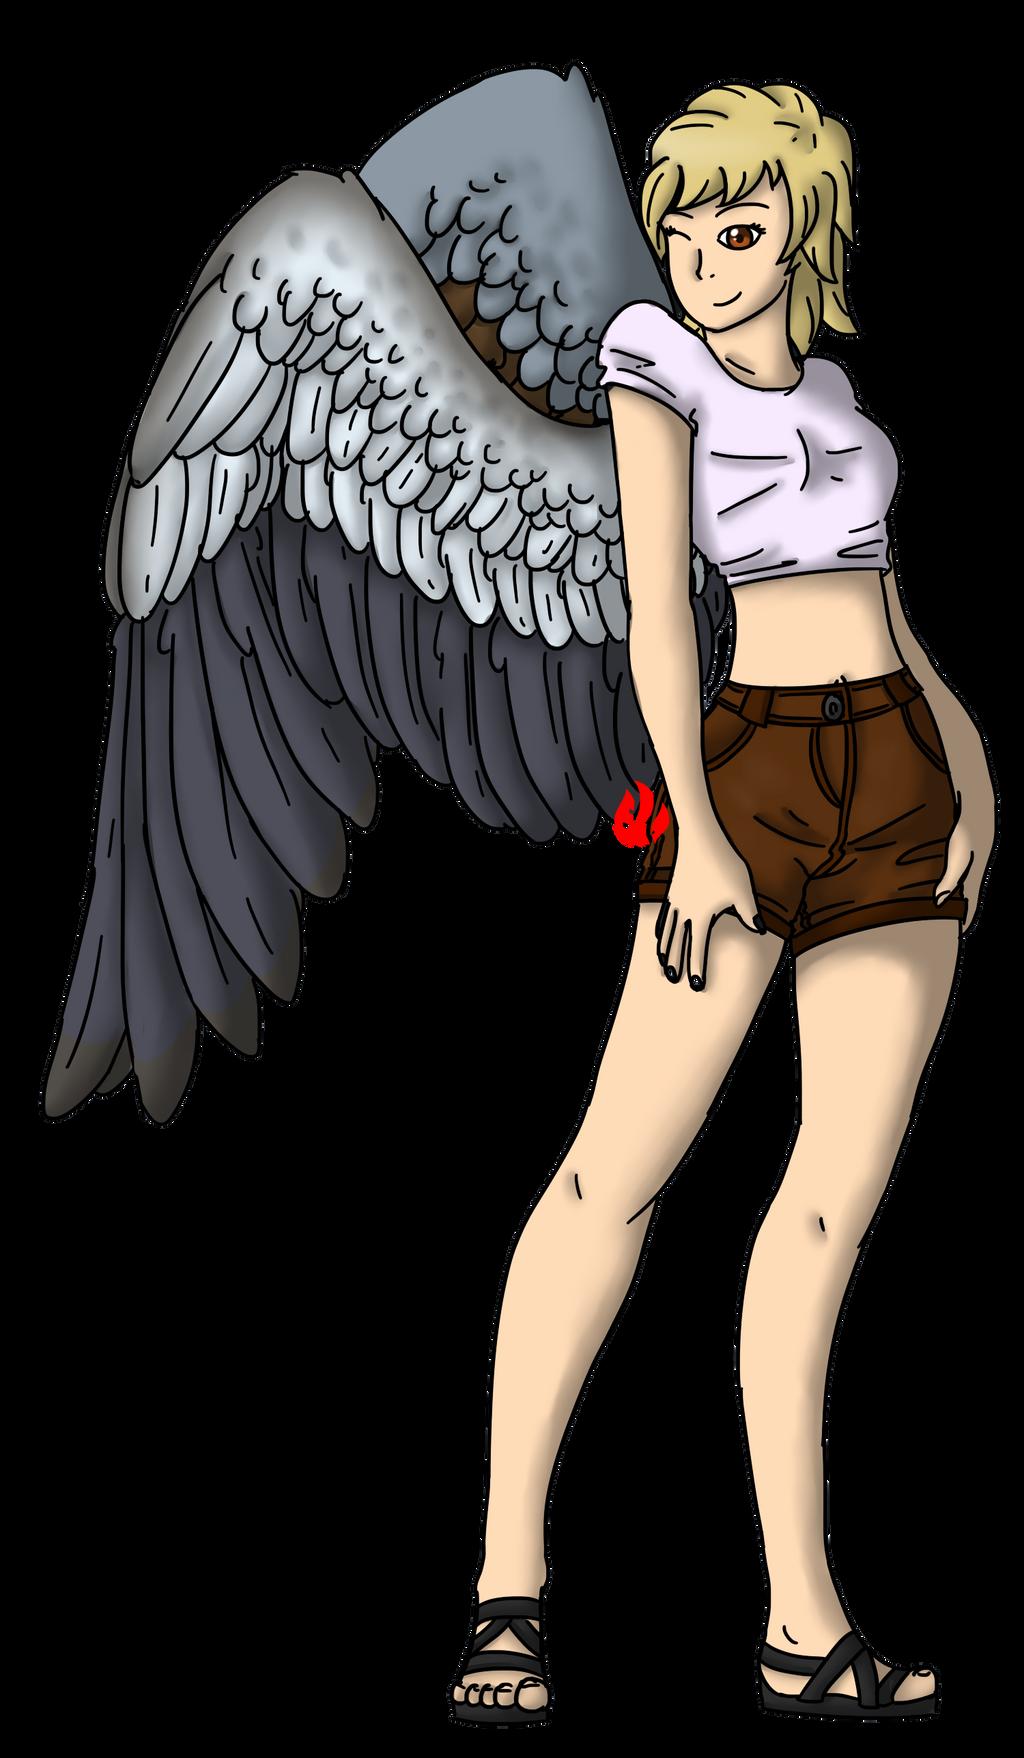 [If I had Wings...] AU - Zytka by Fyreglyphs